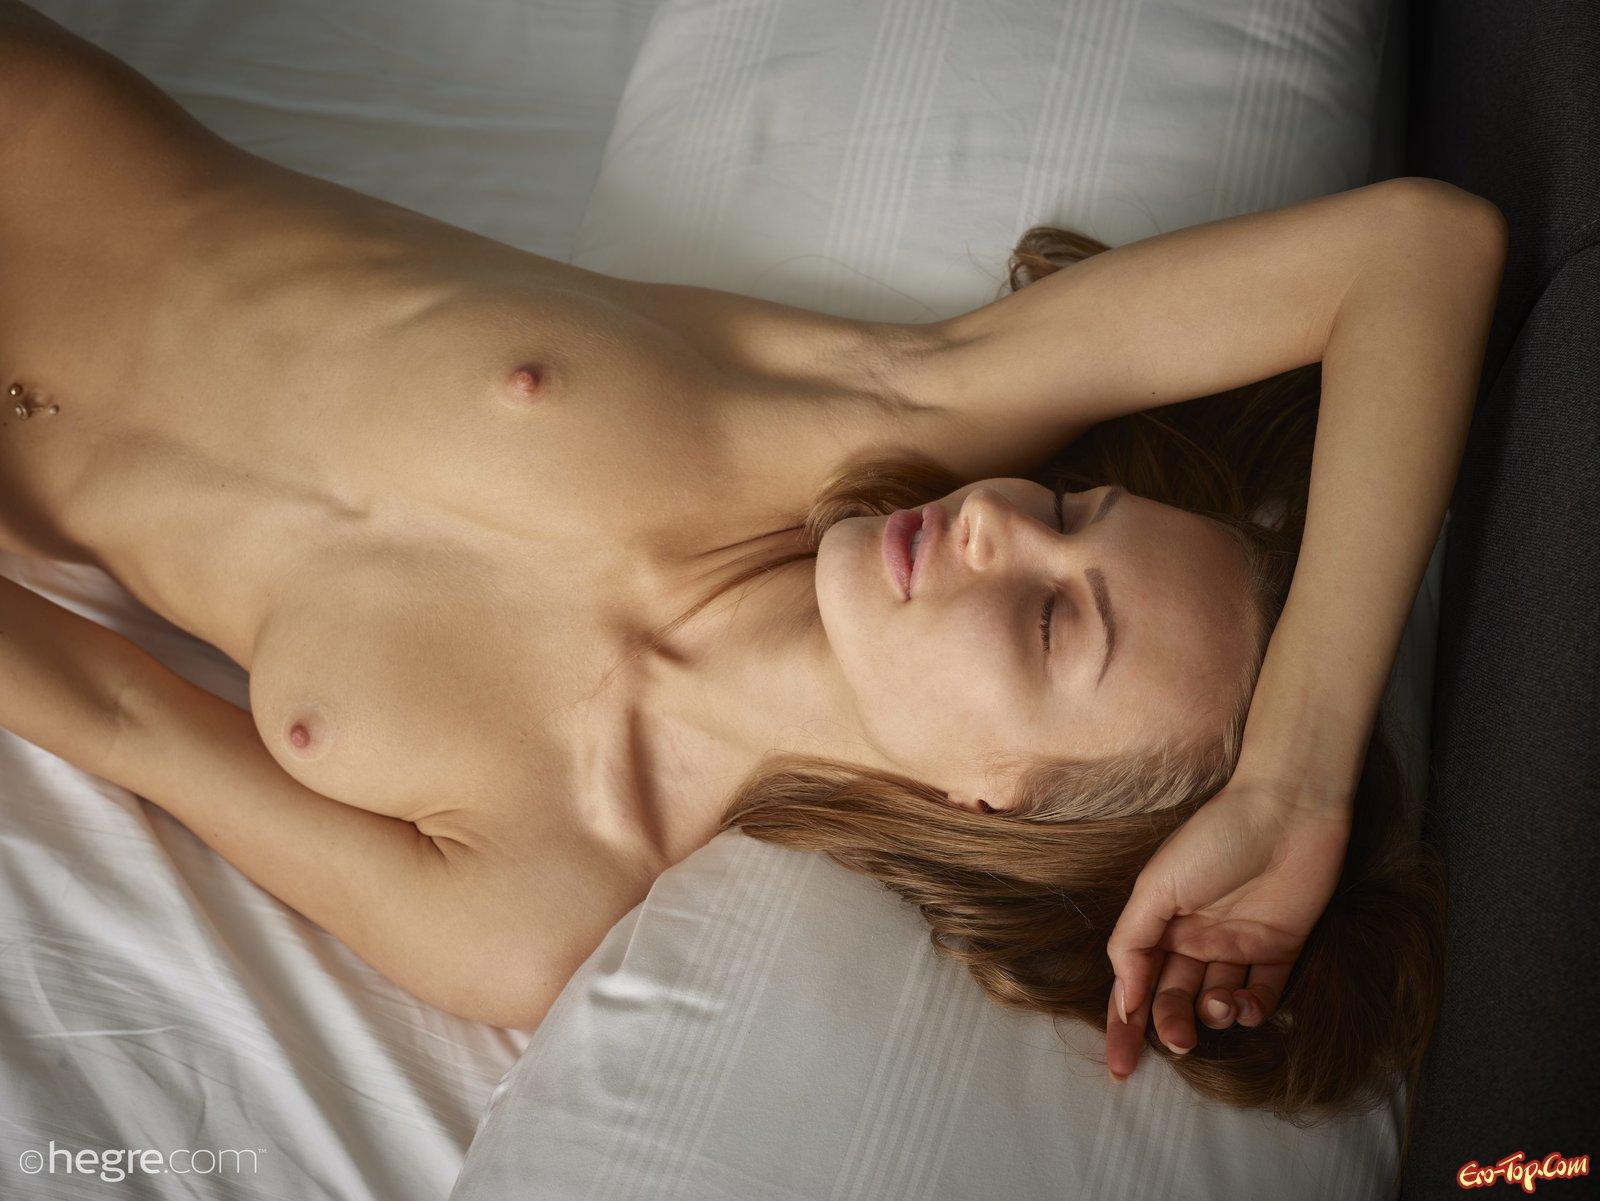 Раздетая девка с бритой киской нежится на кровати